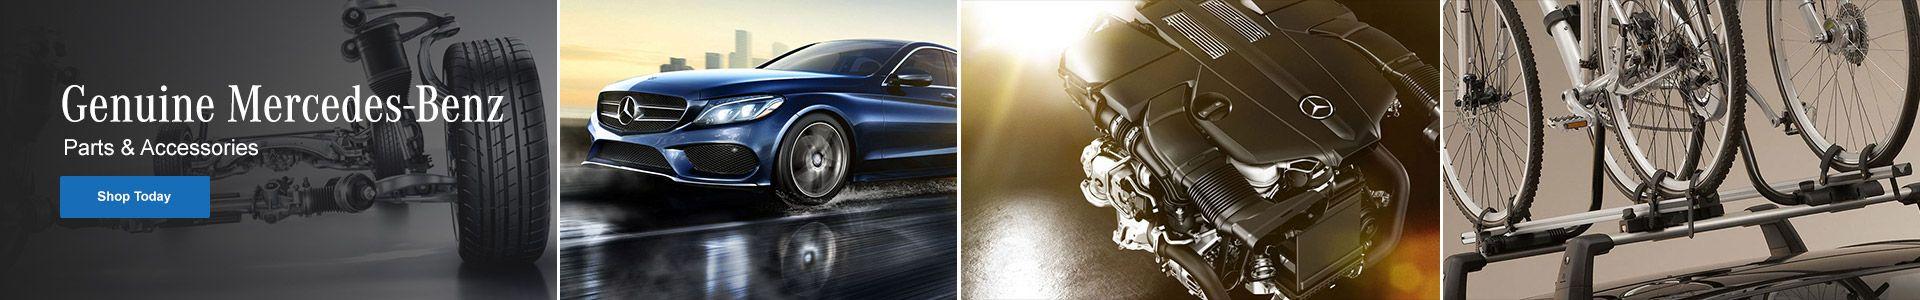 Genuine Mercedes-Benz Parts & Accessories